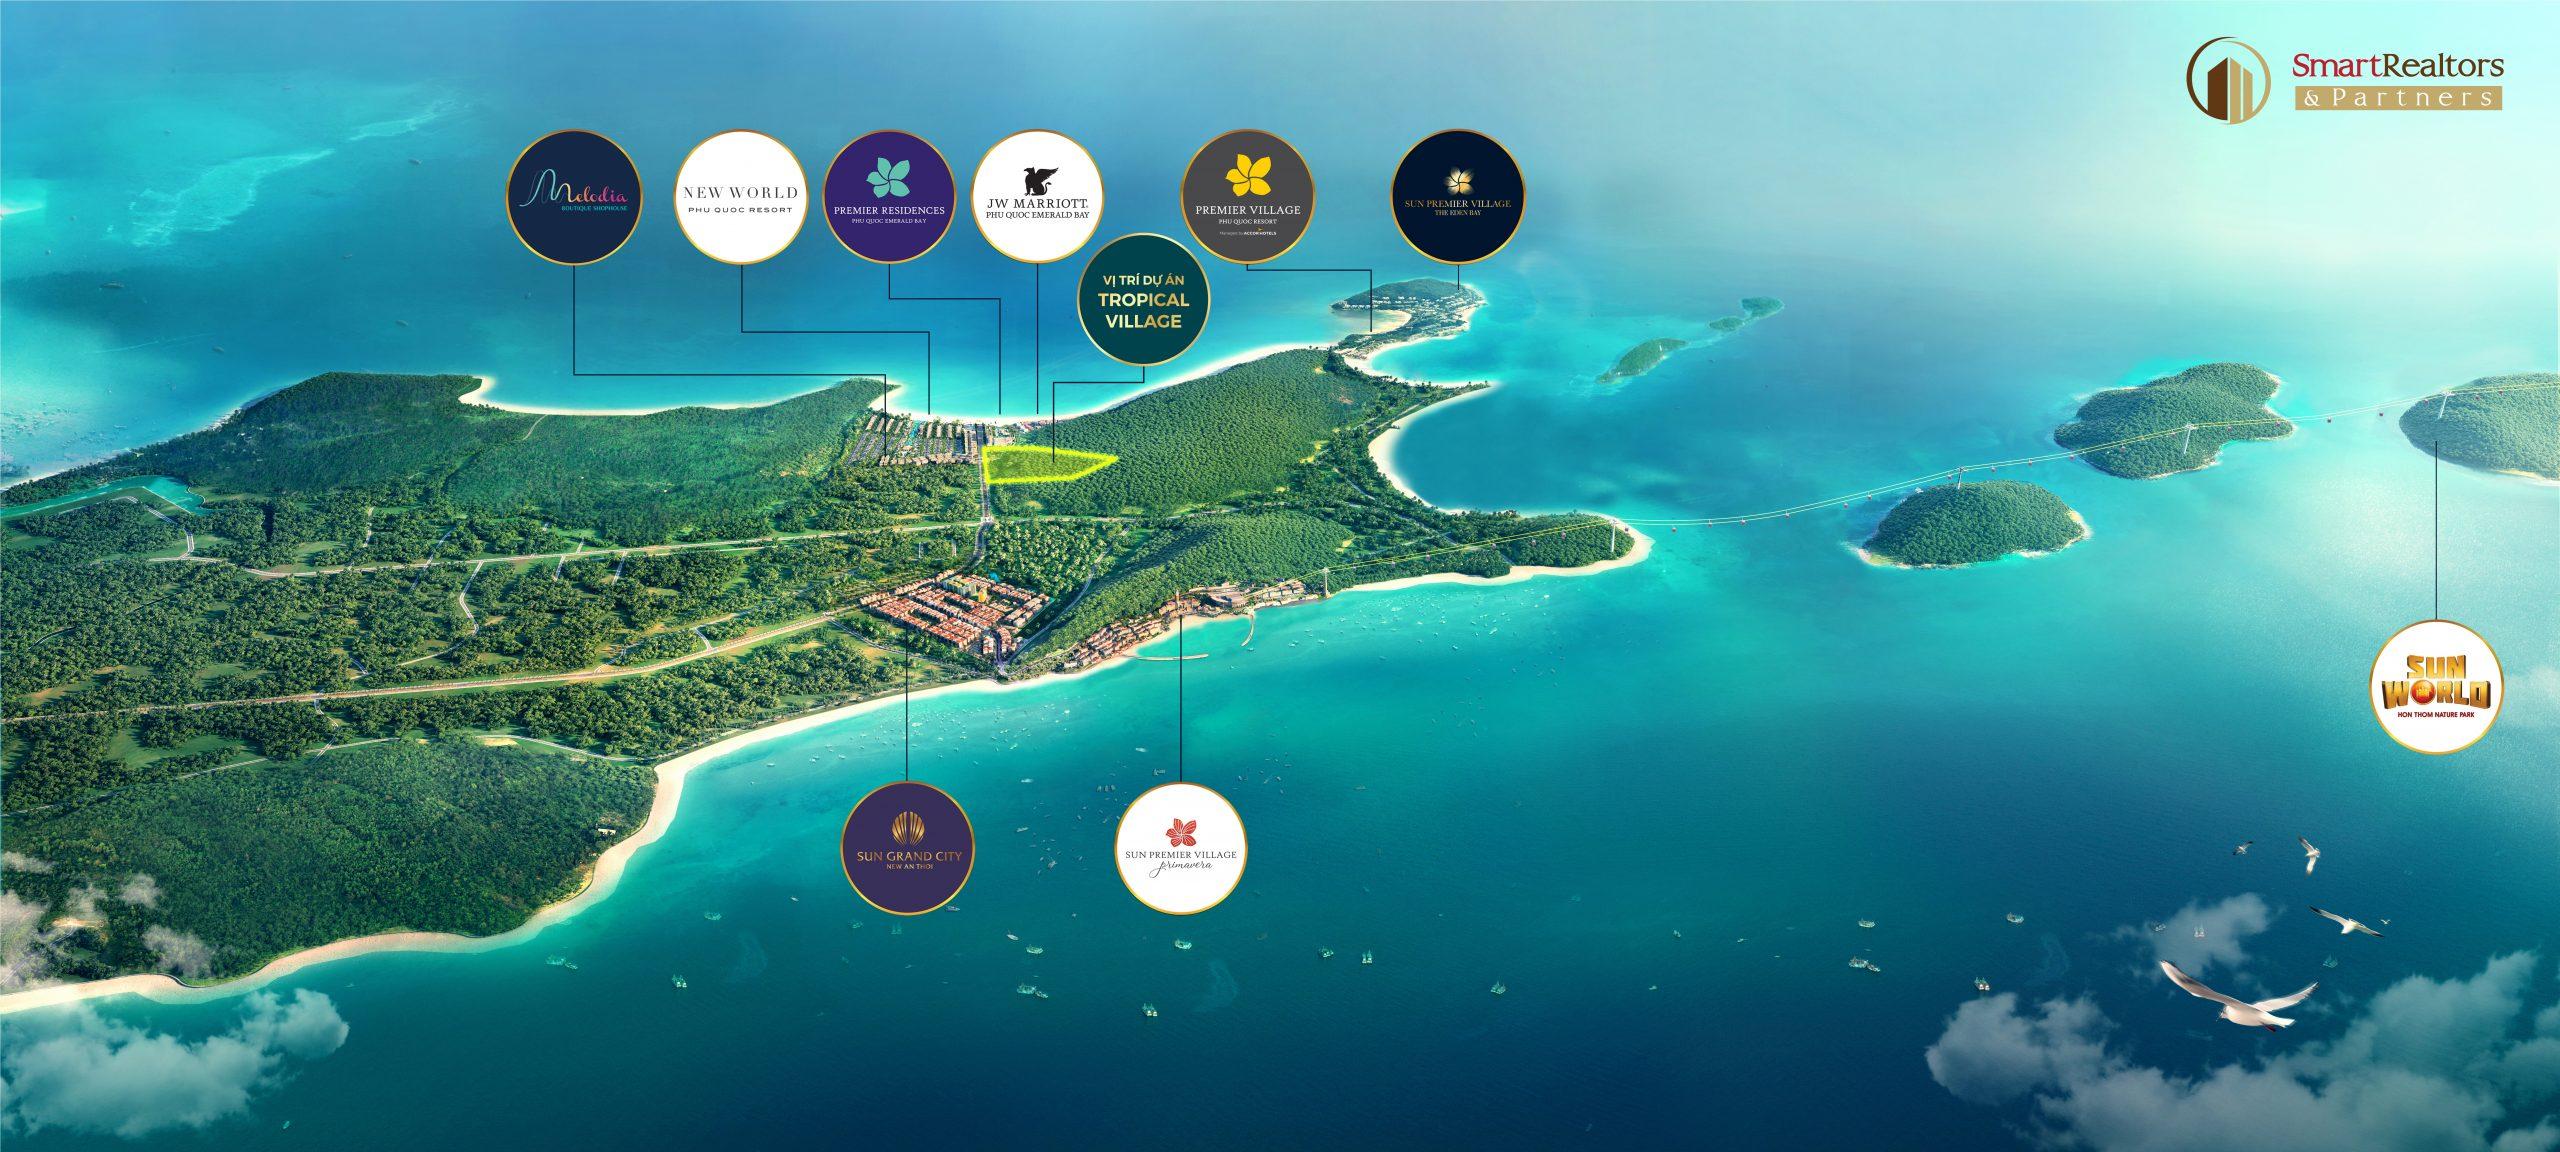 Dự án Sun Tropical Village bãi Kem sở hữu vị trí độc tôn hoàn hảo thu hút nhiều nhà đầu tư trong và ngoài nước